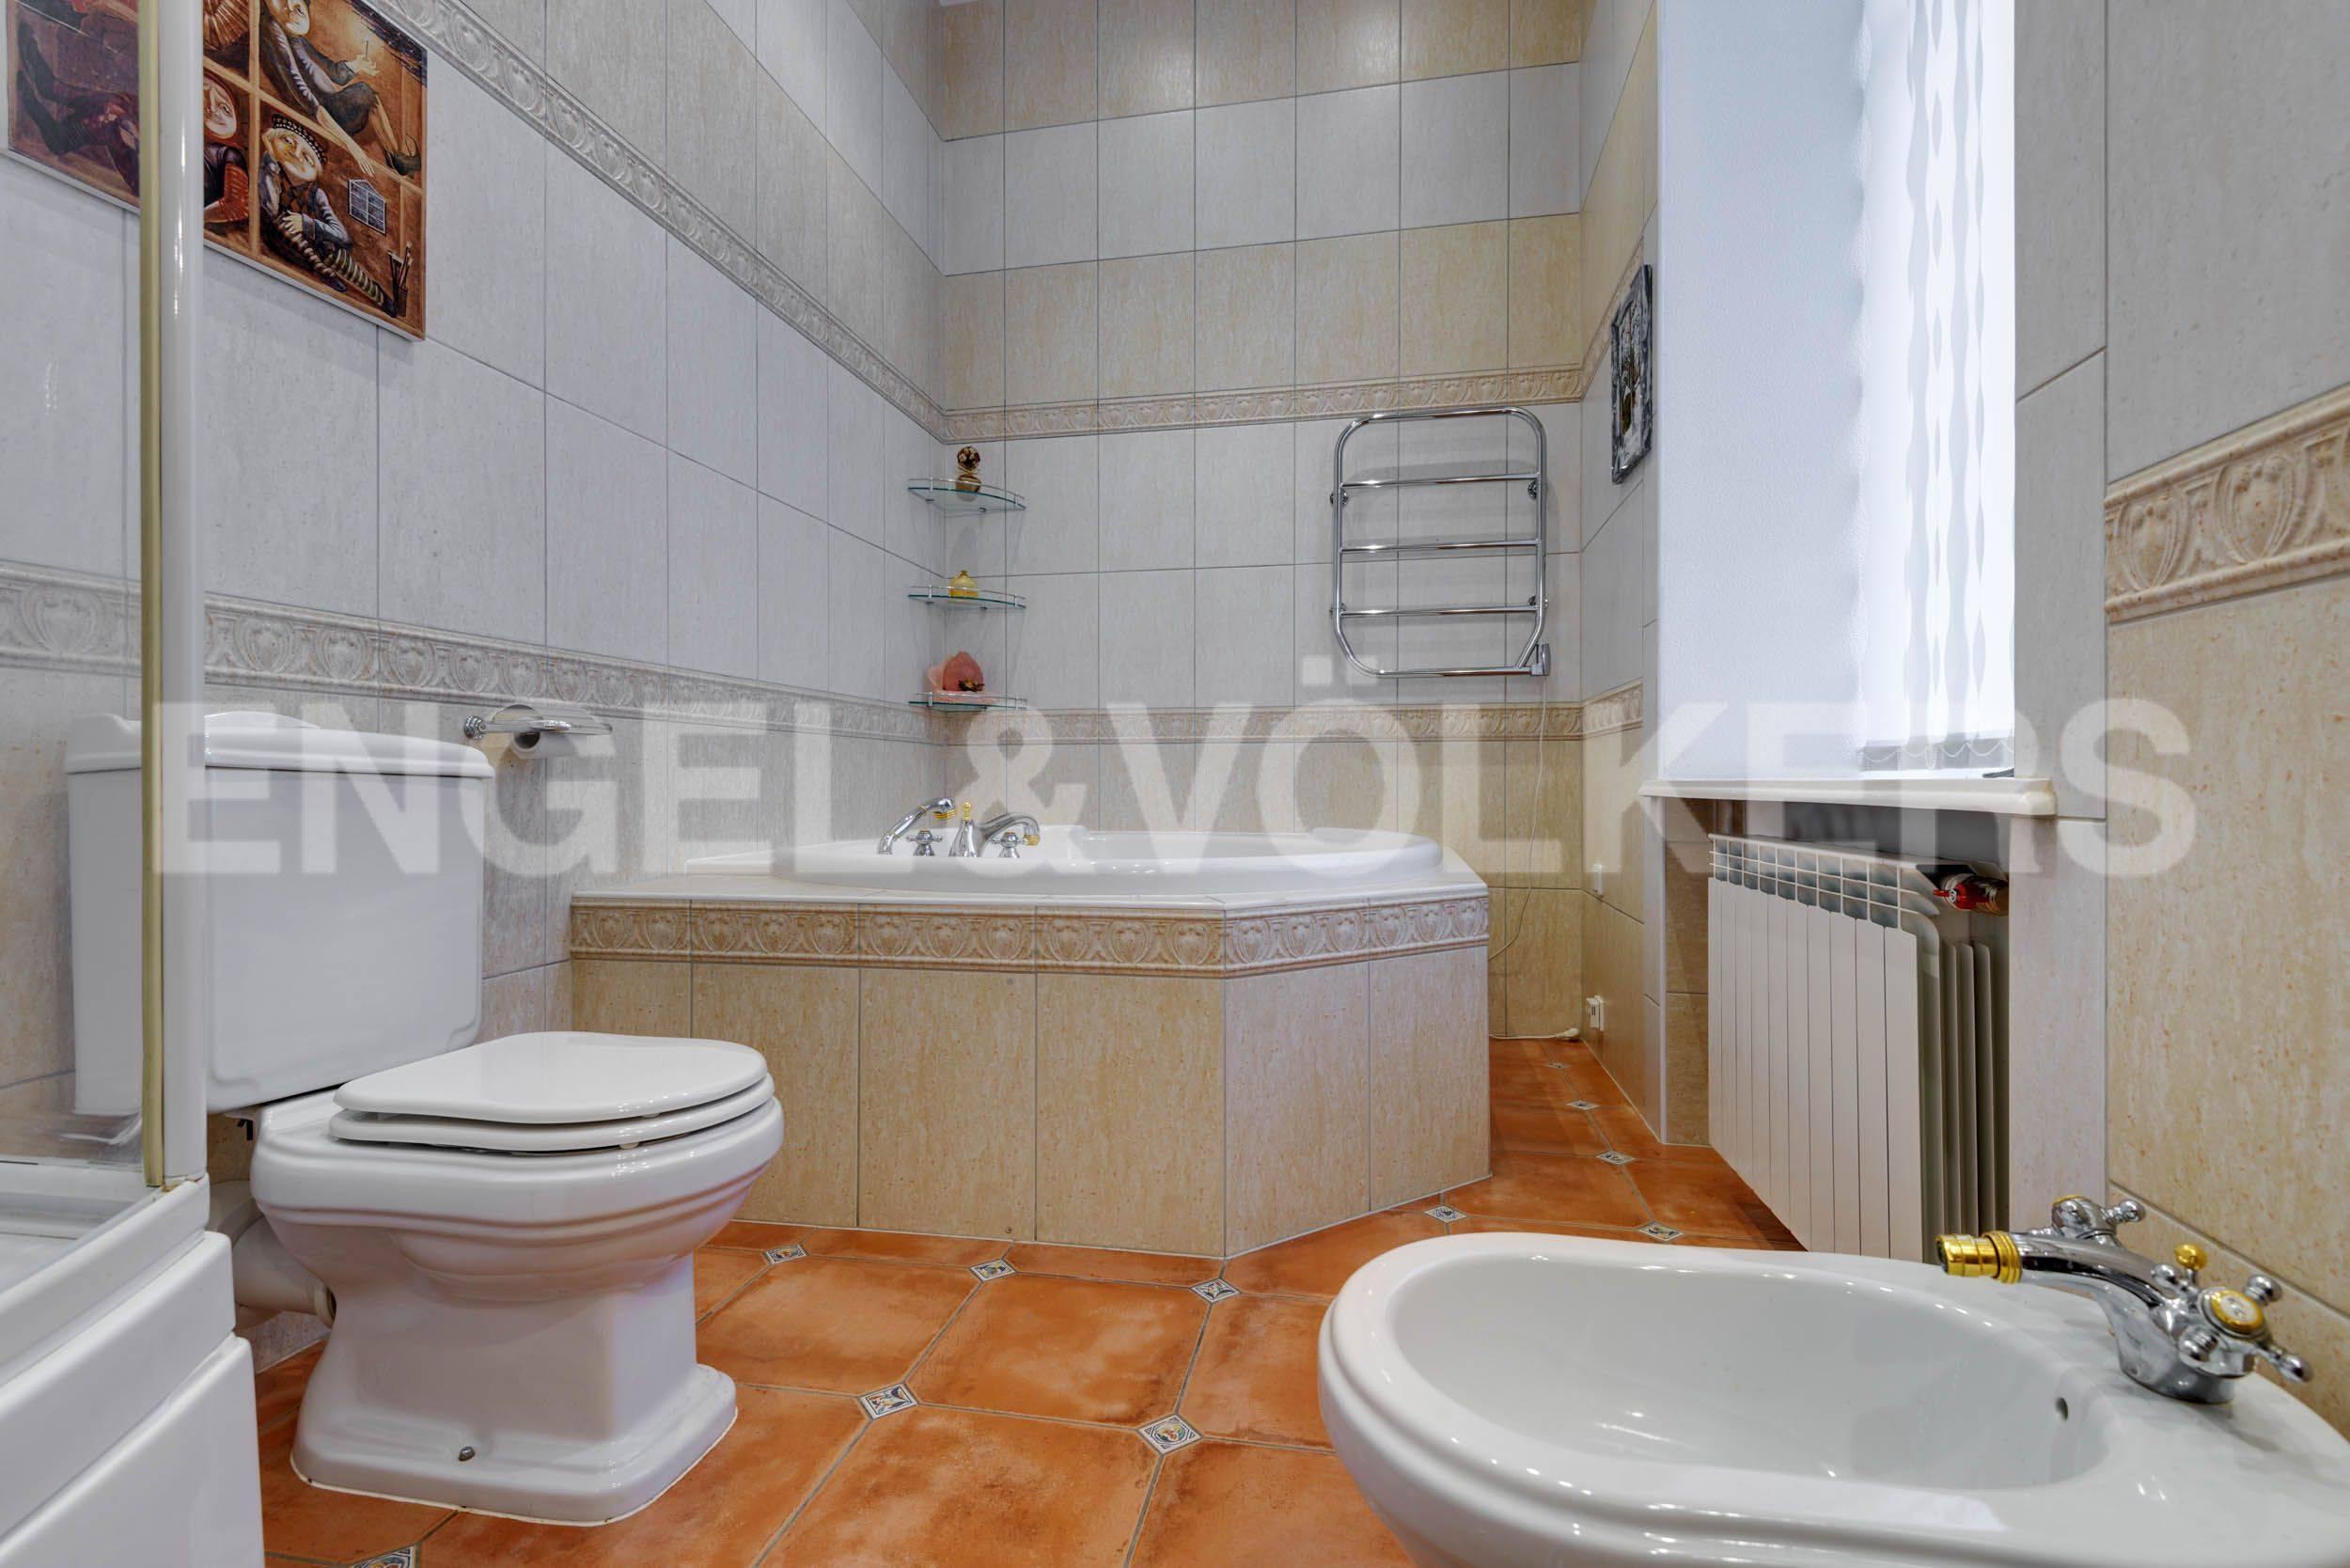 Элитные квартиры в Центральный р-н. Санкт-Петербург, Марсово поле, 3. Ванная комната с окном